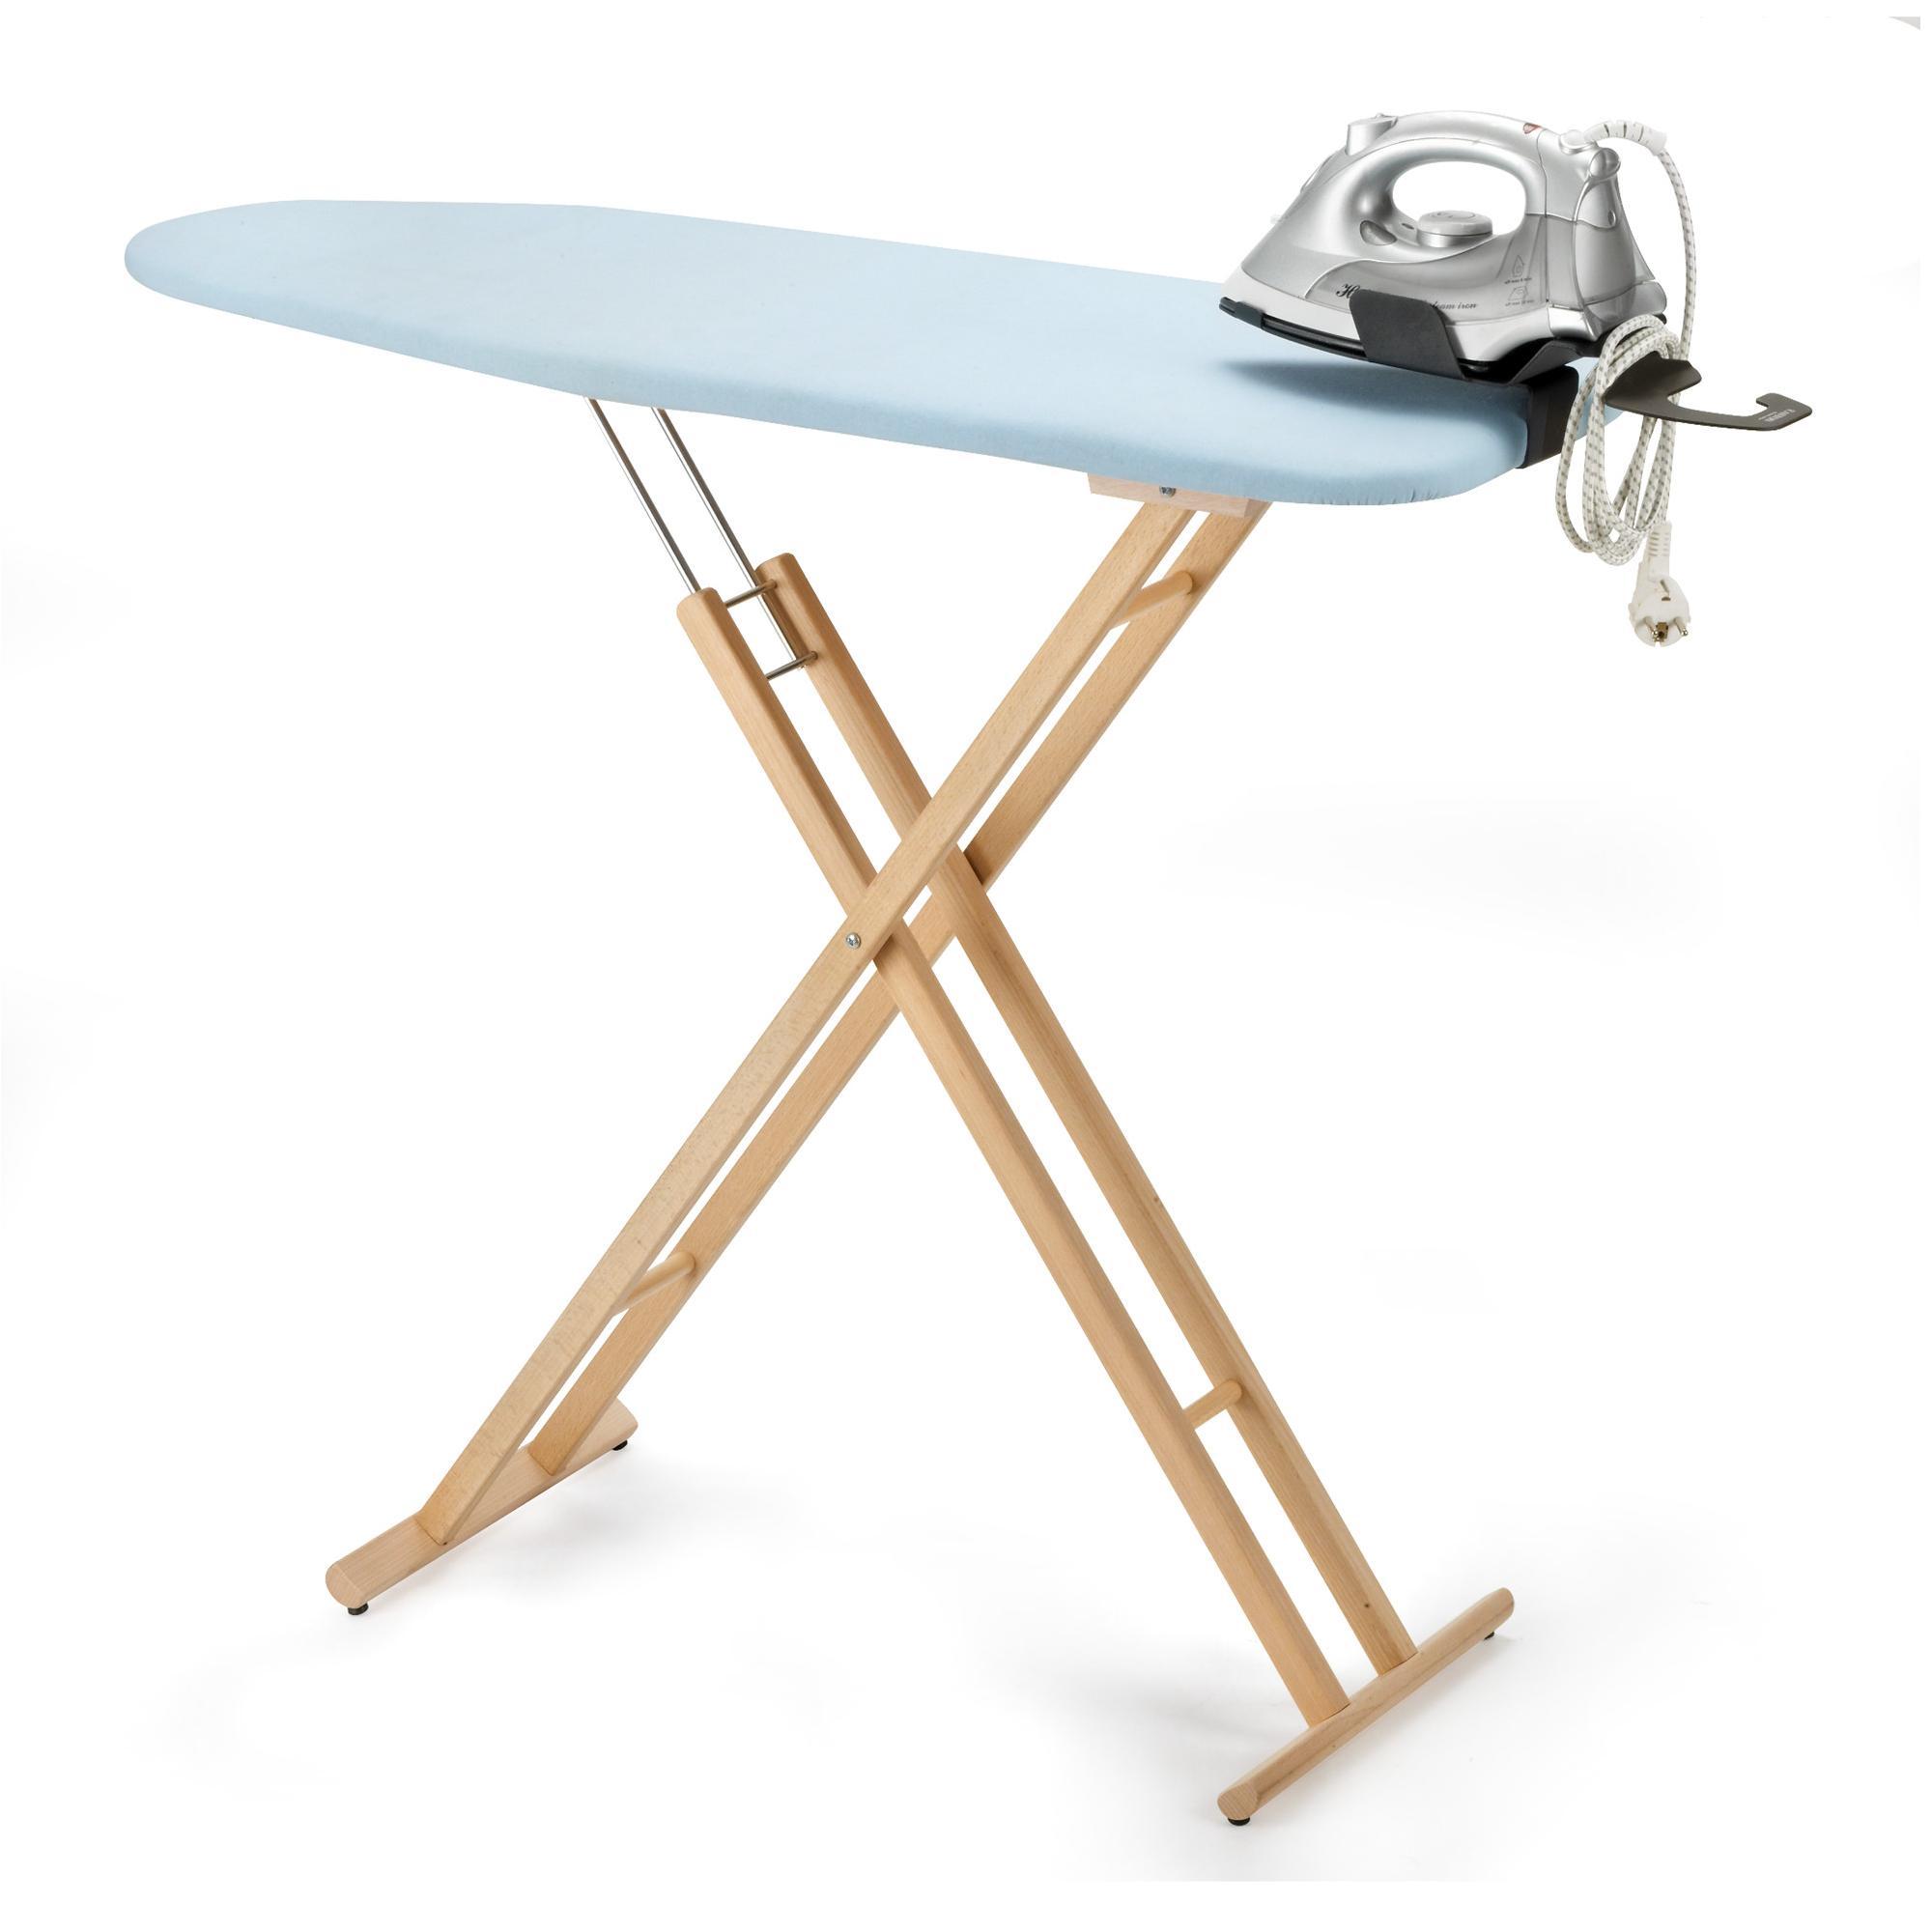 Asse da stiro pieghevole da tavolo in legno peso kg - Foppapedretti tavolo da stiro ...